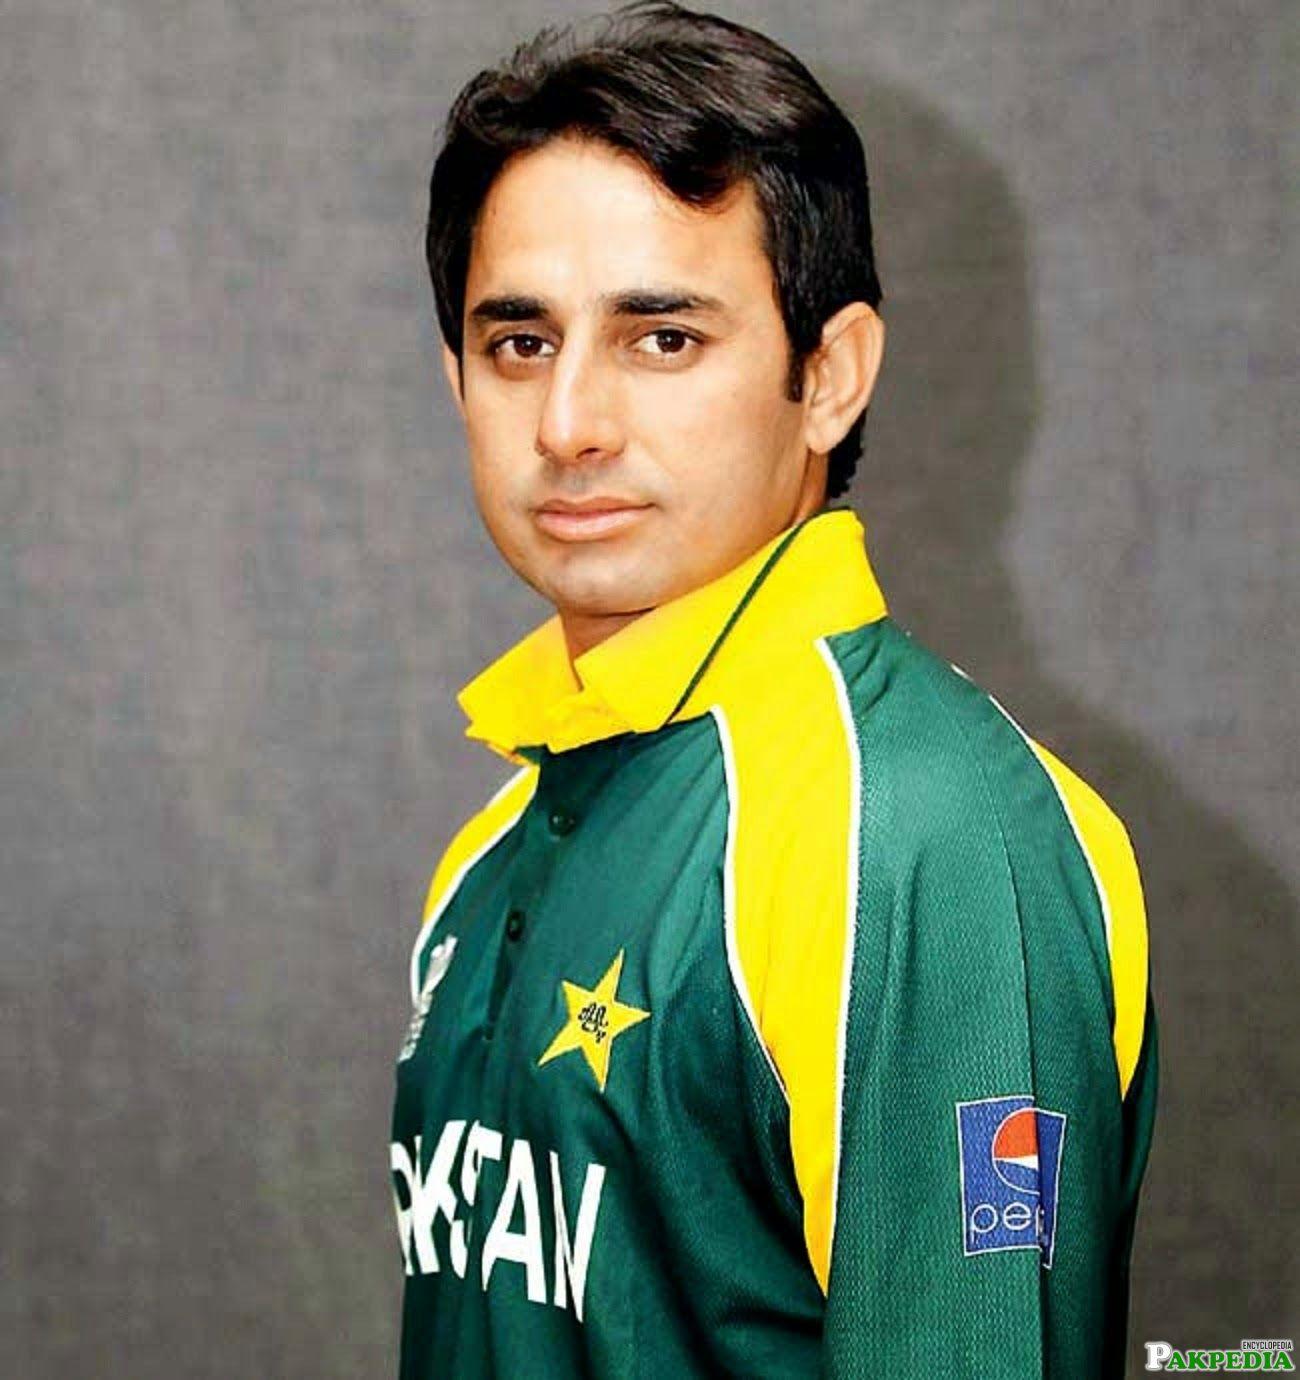 Saeed Ajmal in Green Stirt